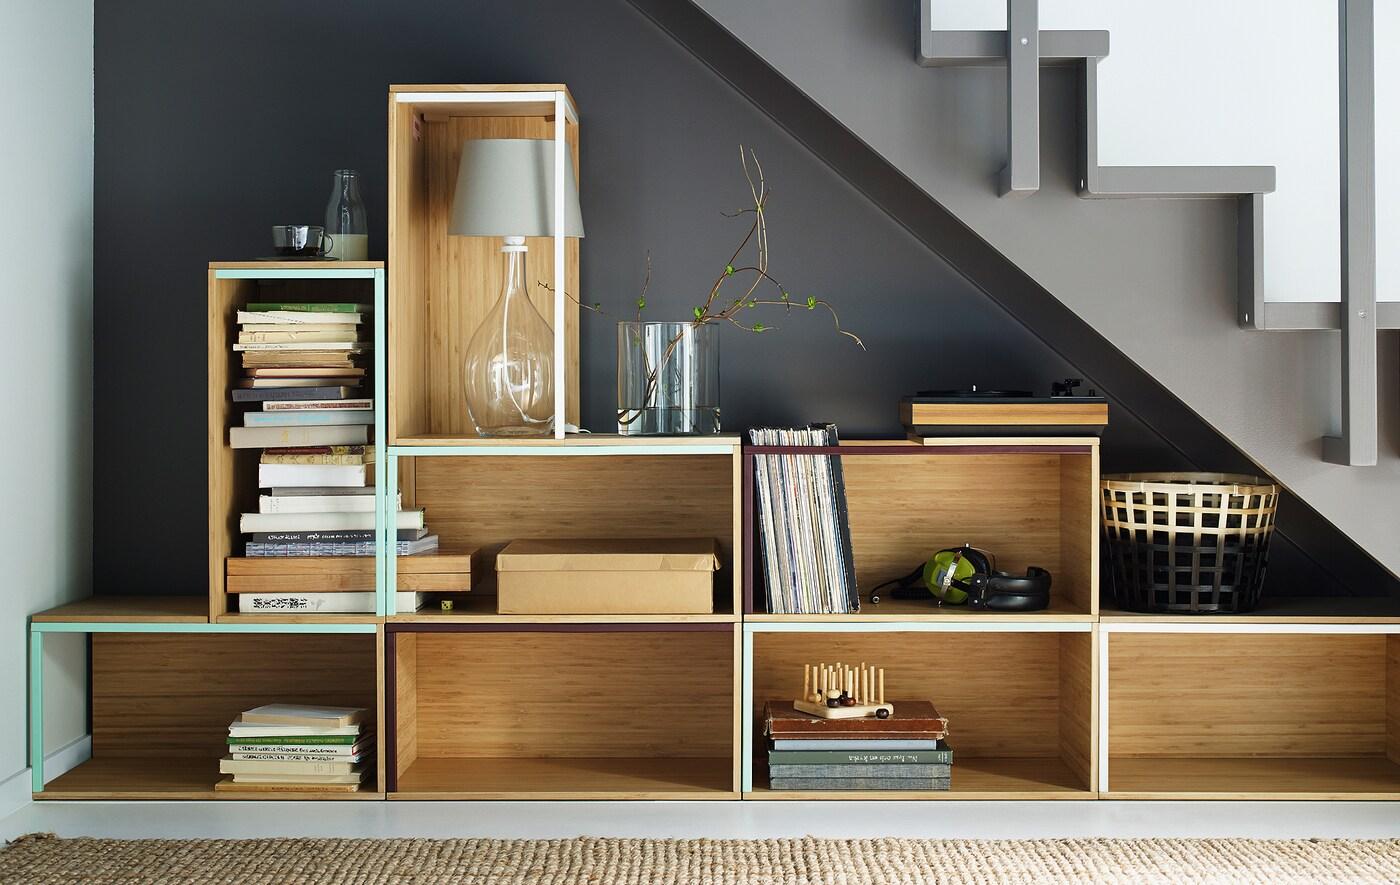 Cajas de almacenaje de IKEA apiladas debajo de una escalera.